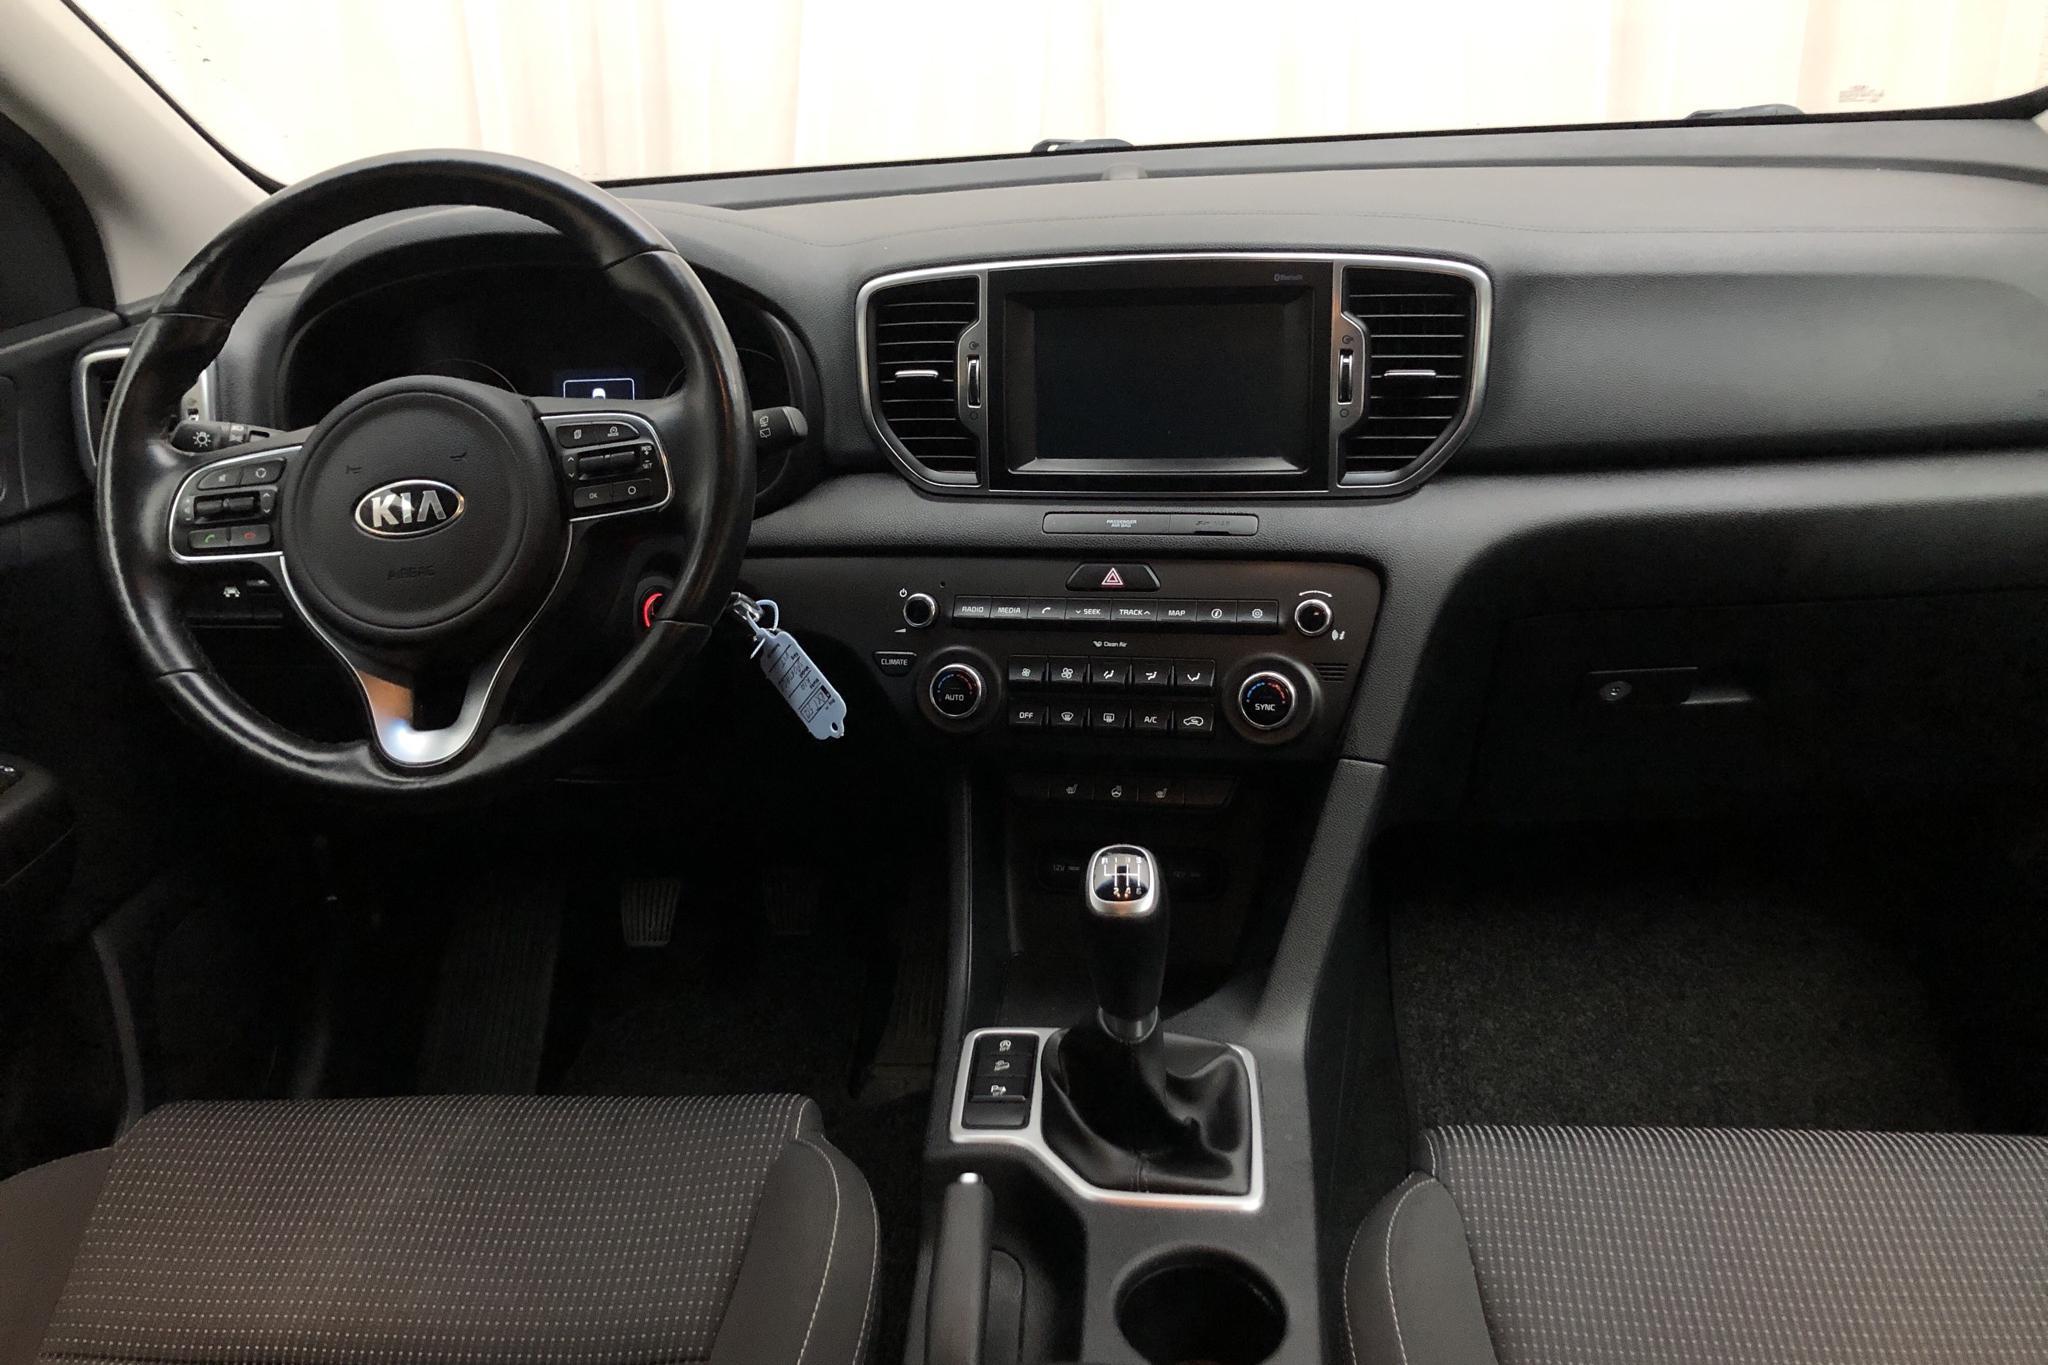 KIA Sportage 1.7 CRDi 2WD (115hk) - 9 846 mil - Manuell - vit - 2016